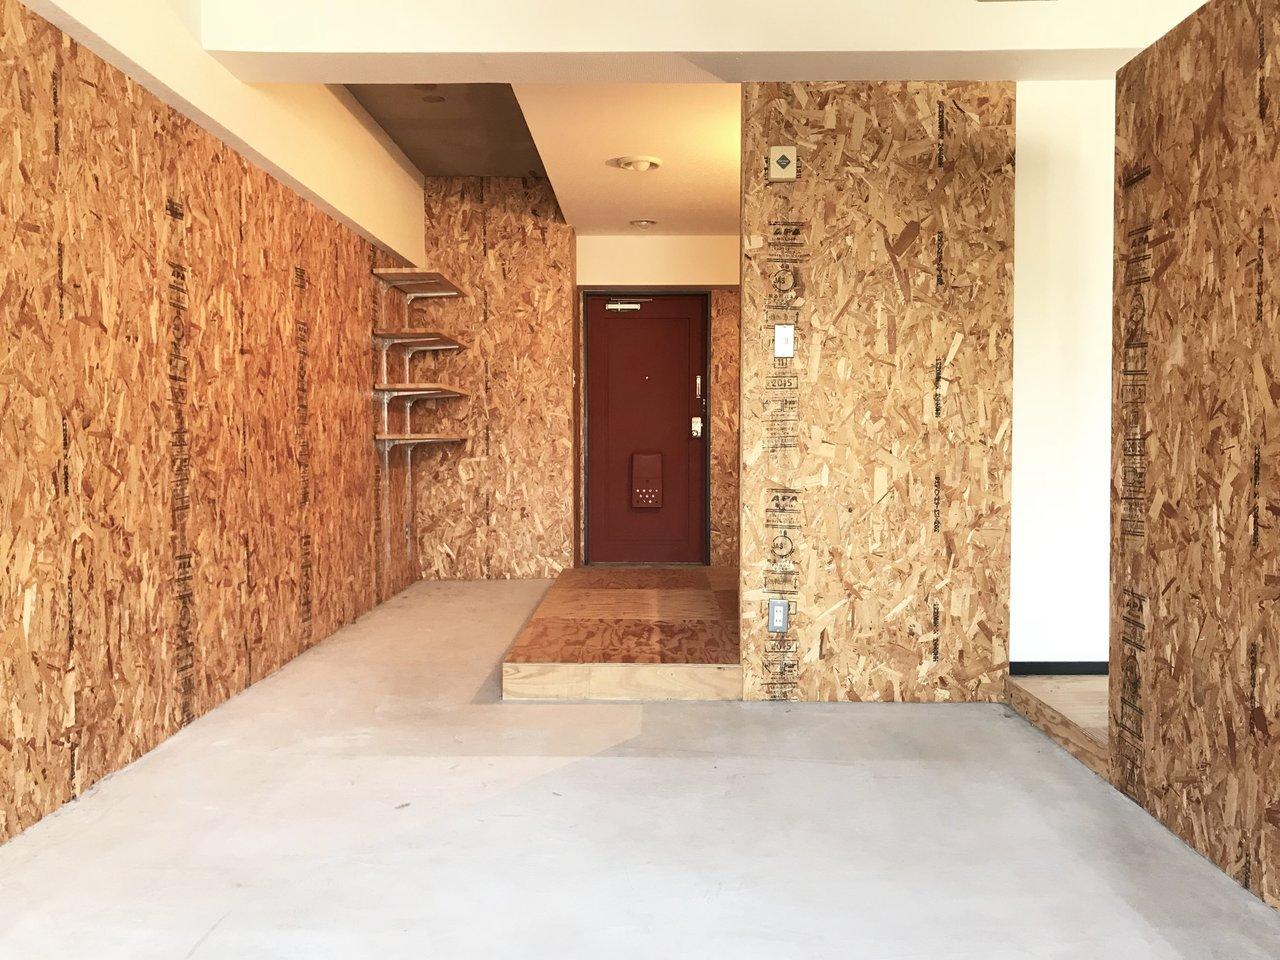 壁の向こう側、LDK部分は、思い切ってコンクリ土間空間に。革張りのソファとかをどーんと置くと絶対似合います。